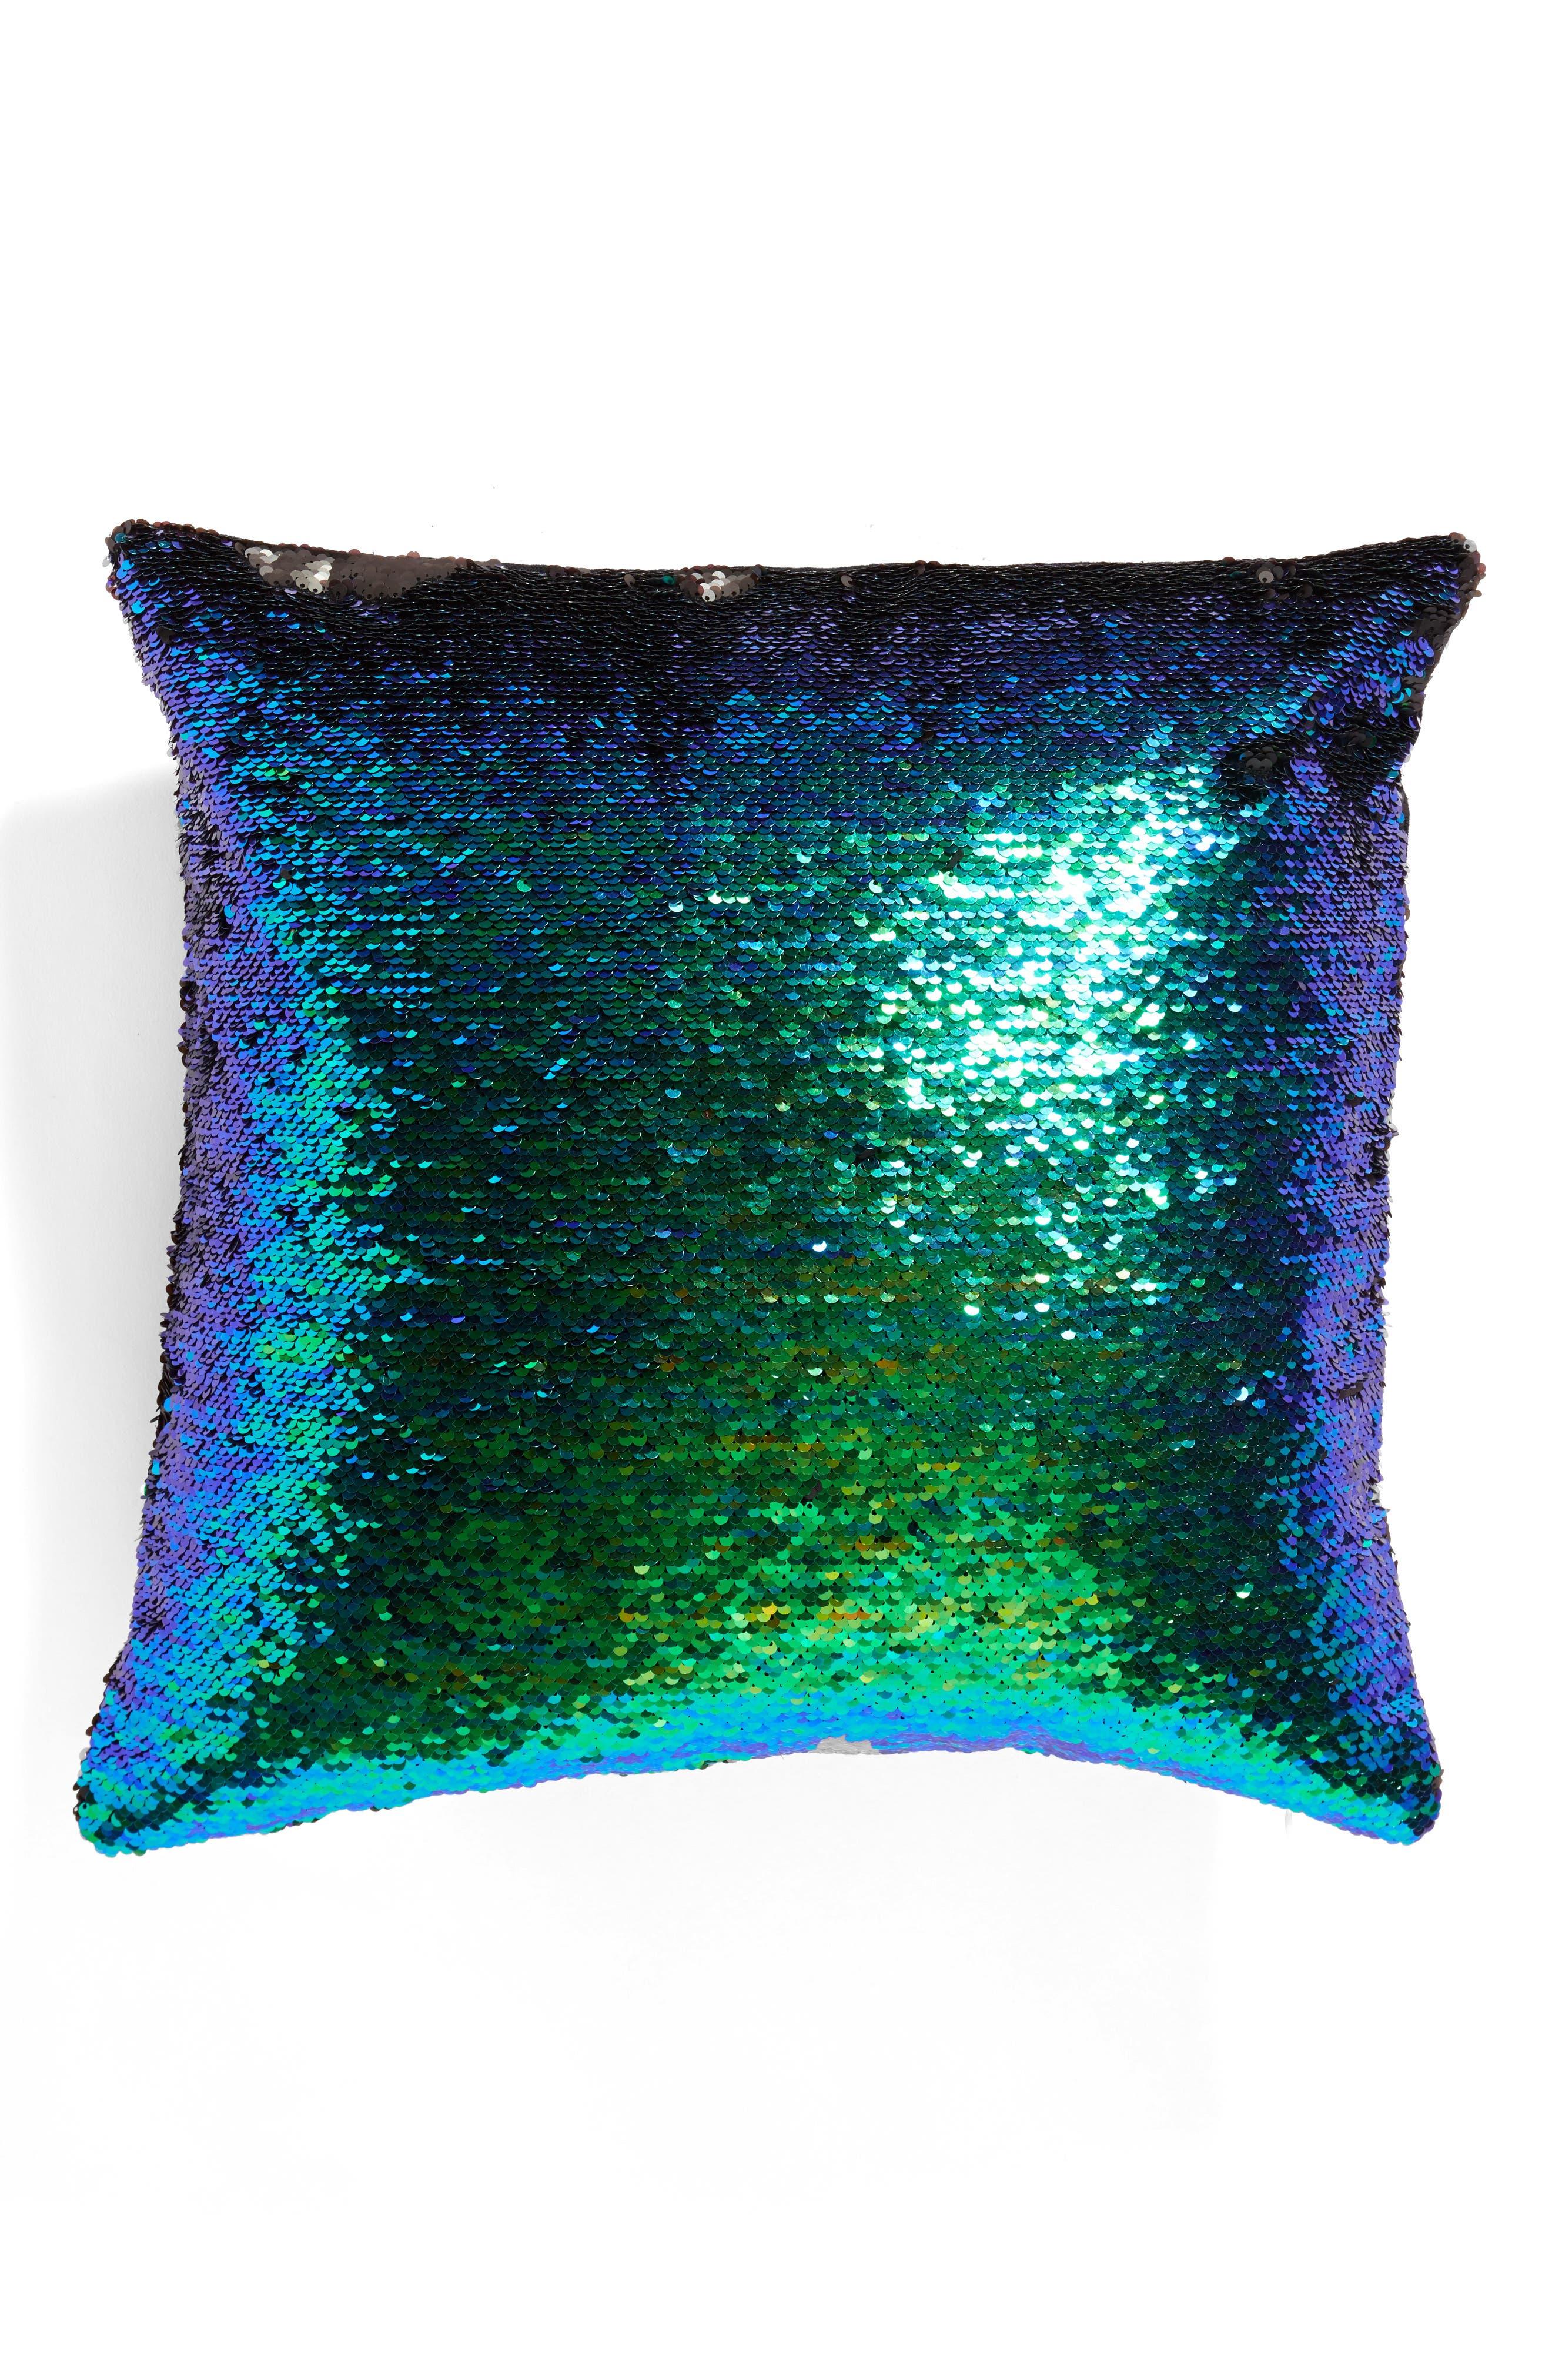 Sequin Pillow,                             Main thumbnail 1, color,                             Black